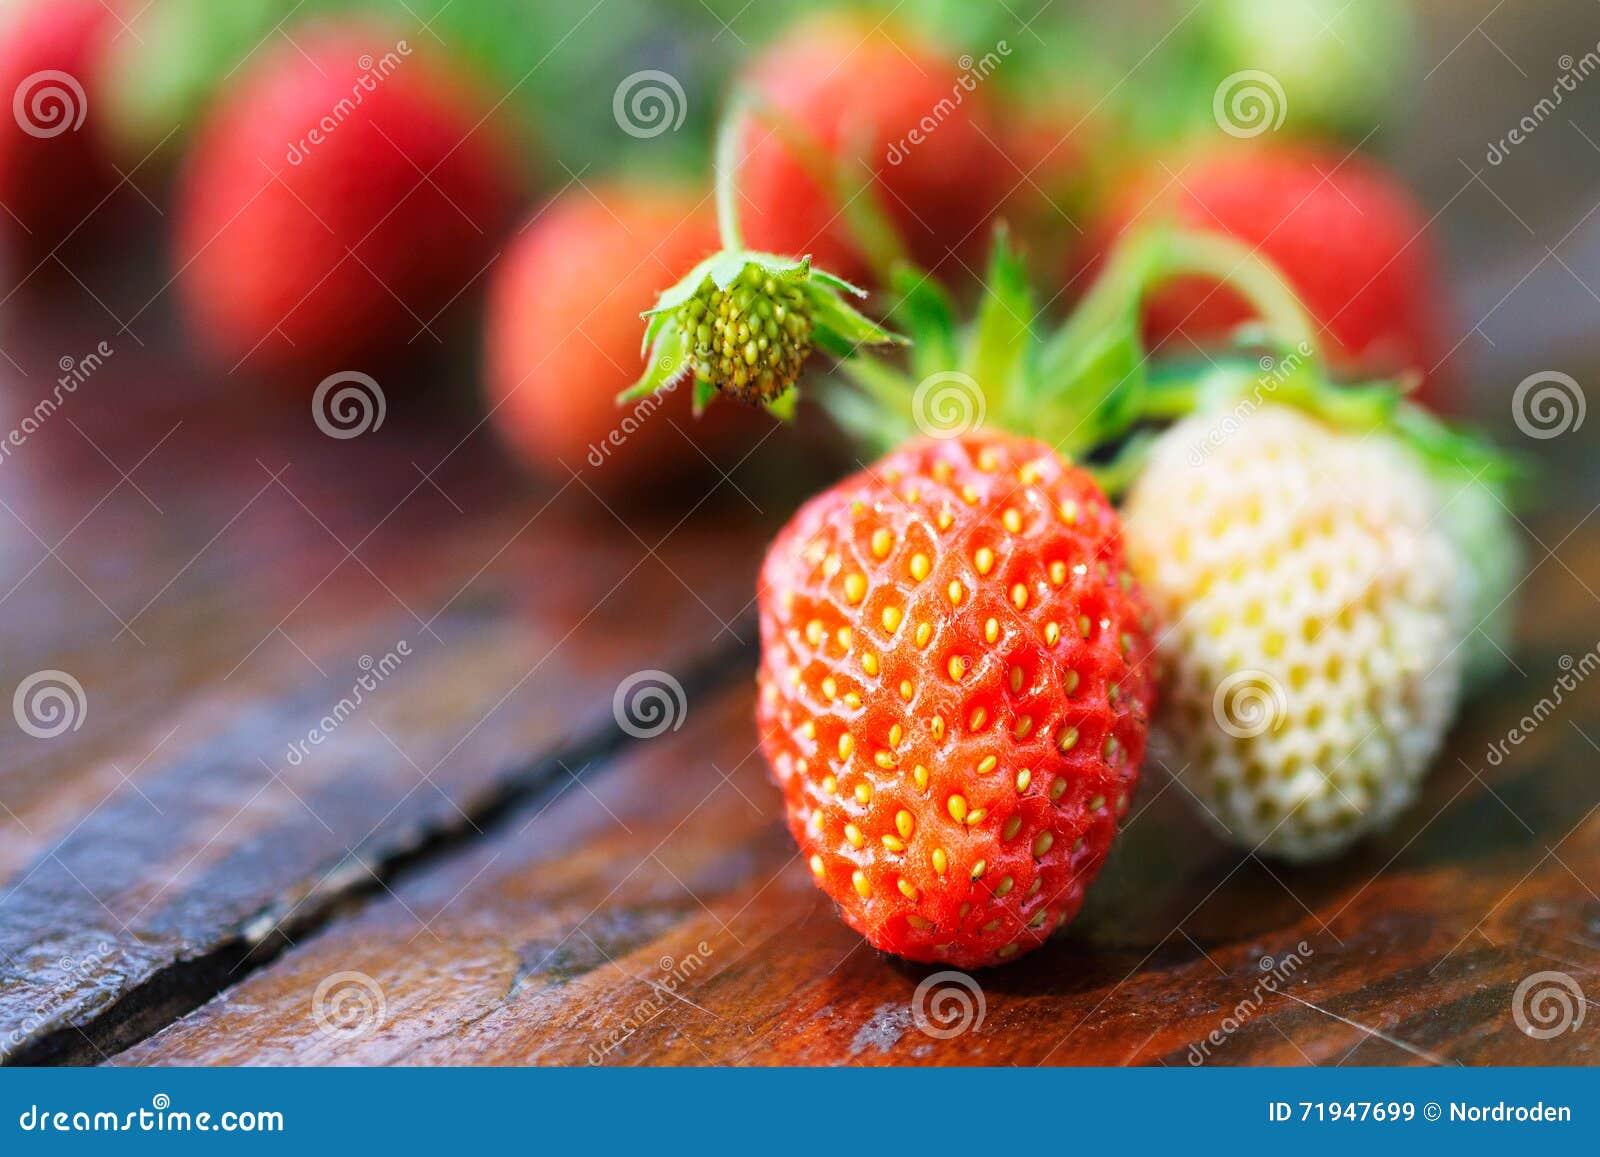 Красная и белая клубника на деревянном столе